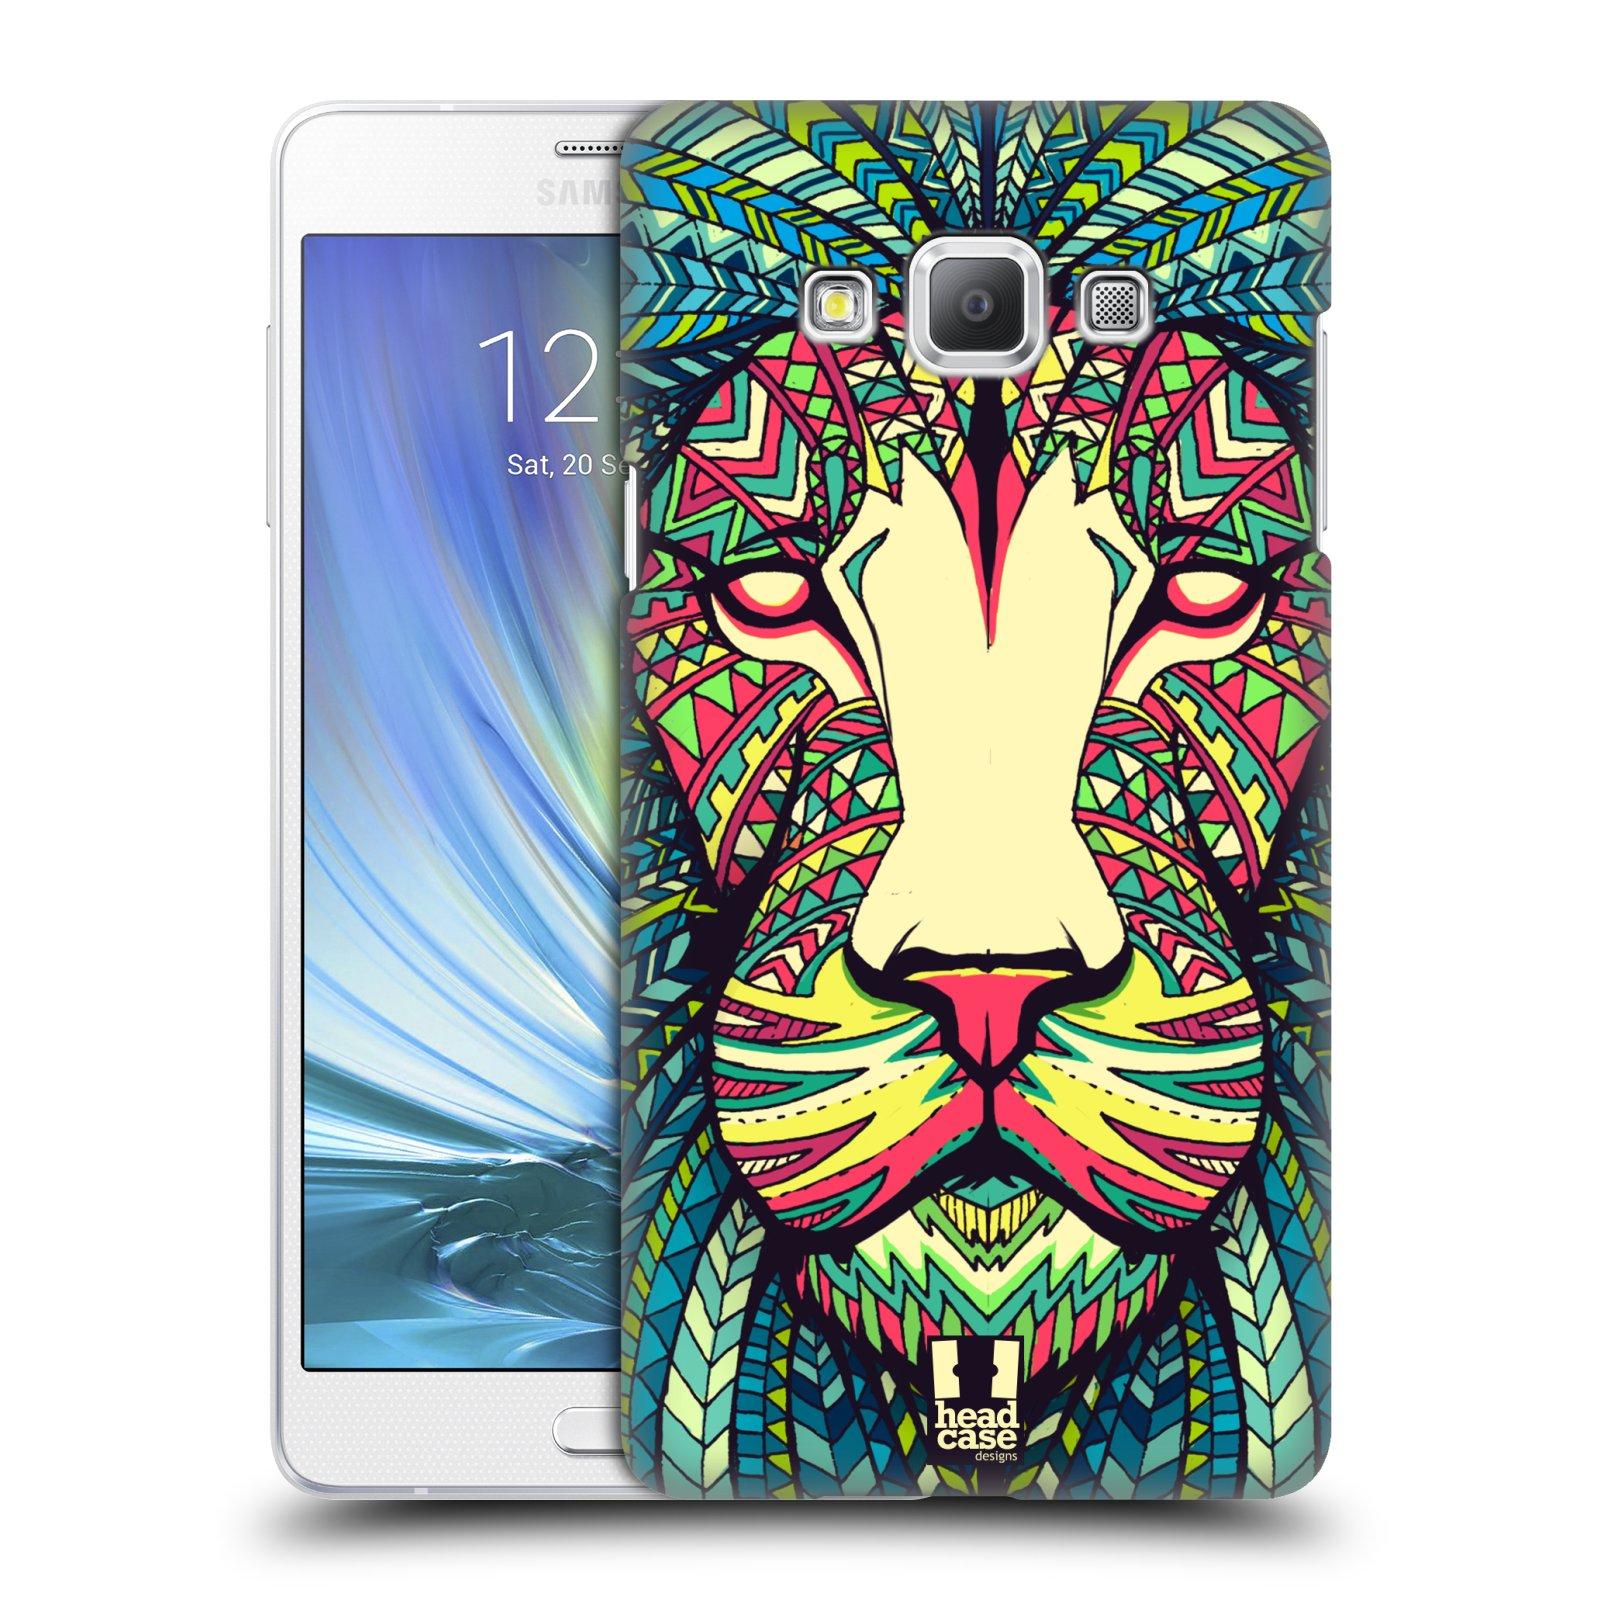 HEAD CASE plastový obal na mobil SAMSUNG GALAXY A7 vzor Aztécký motiv zvíře lev